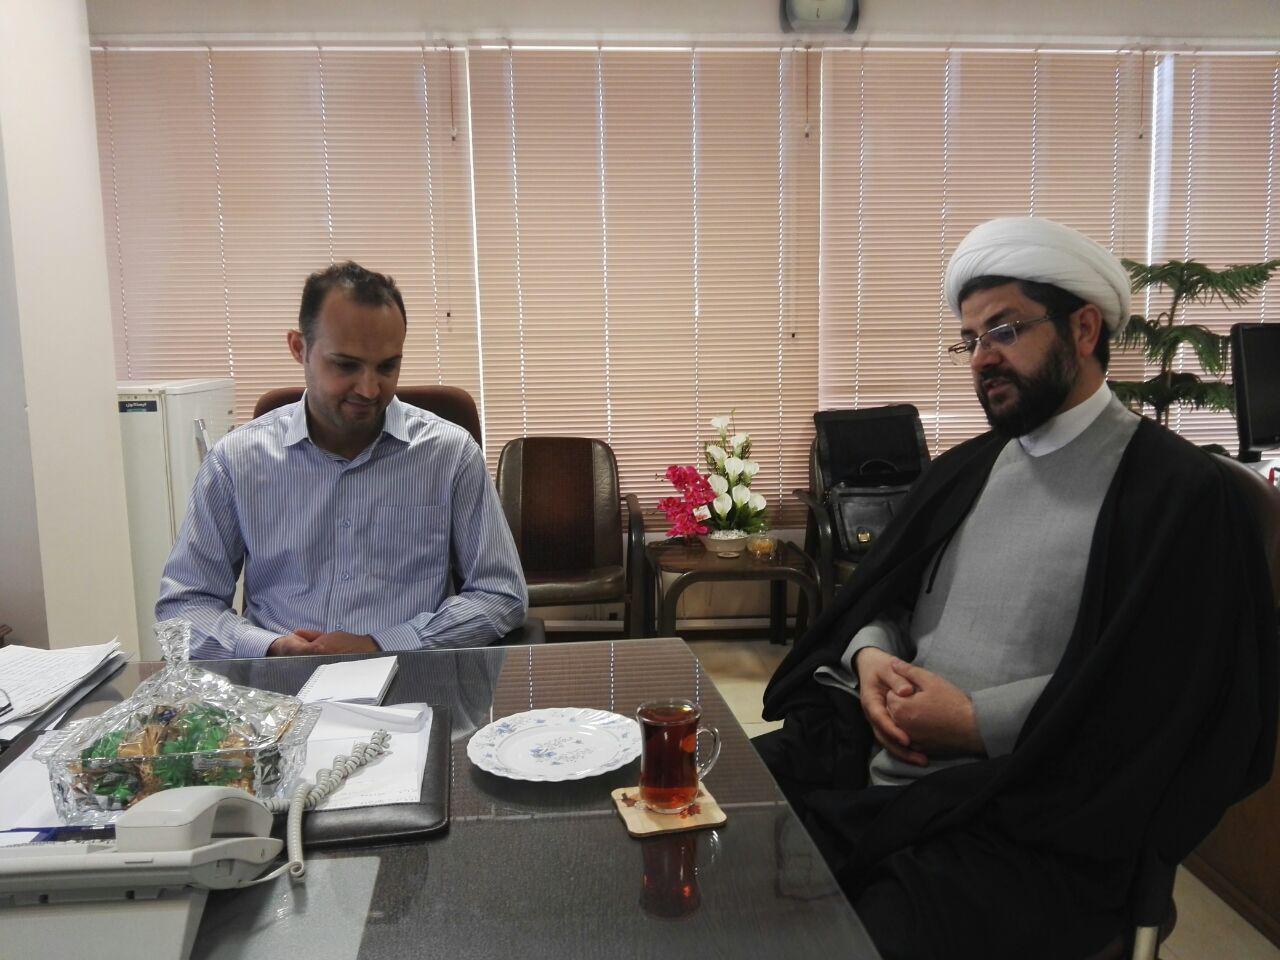 حجت الاسلام هاشمی امام جمعه محترم شهر قهدریجان به اتفاق مهندس کریمی-معاون عمران روستایی و مهندس مک�